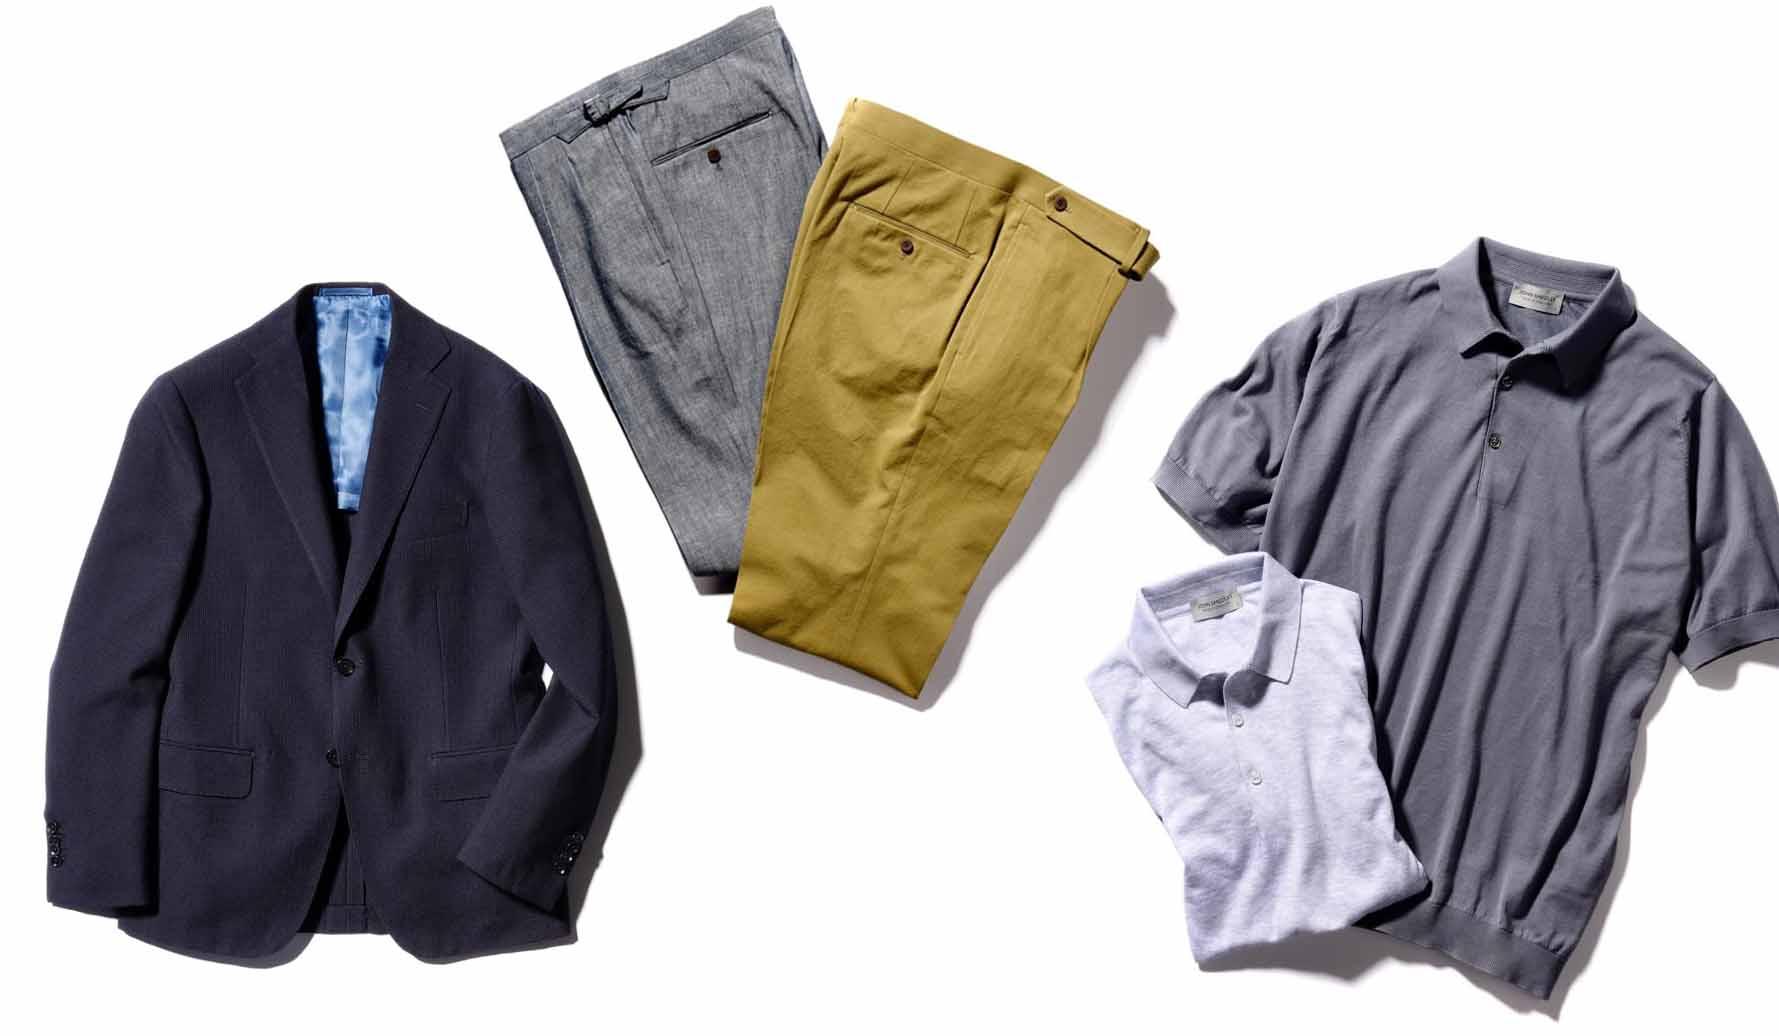 銀座三越90周年限定のジャケット、パンツ、ポロシャツ